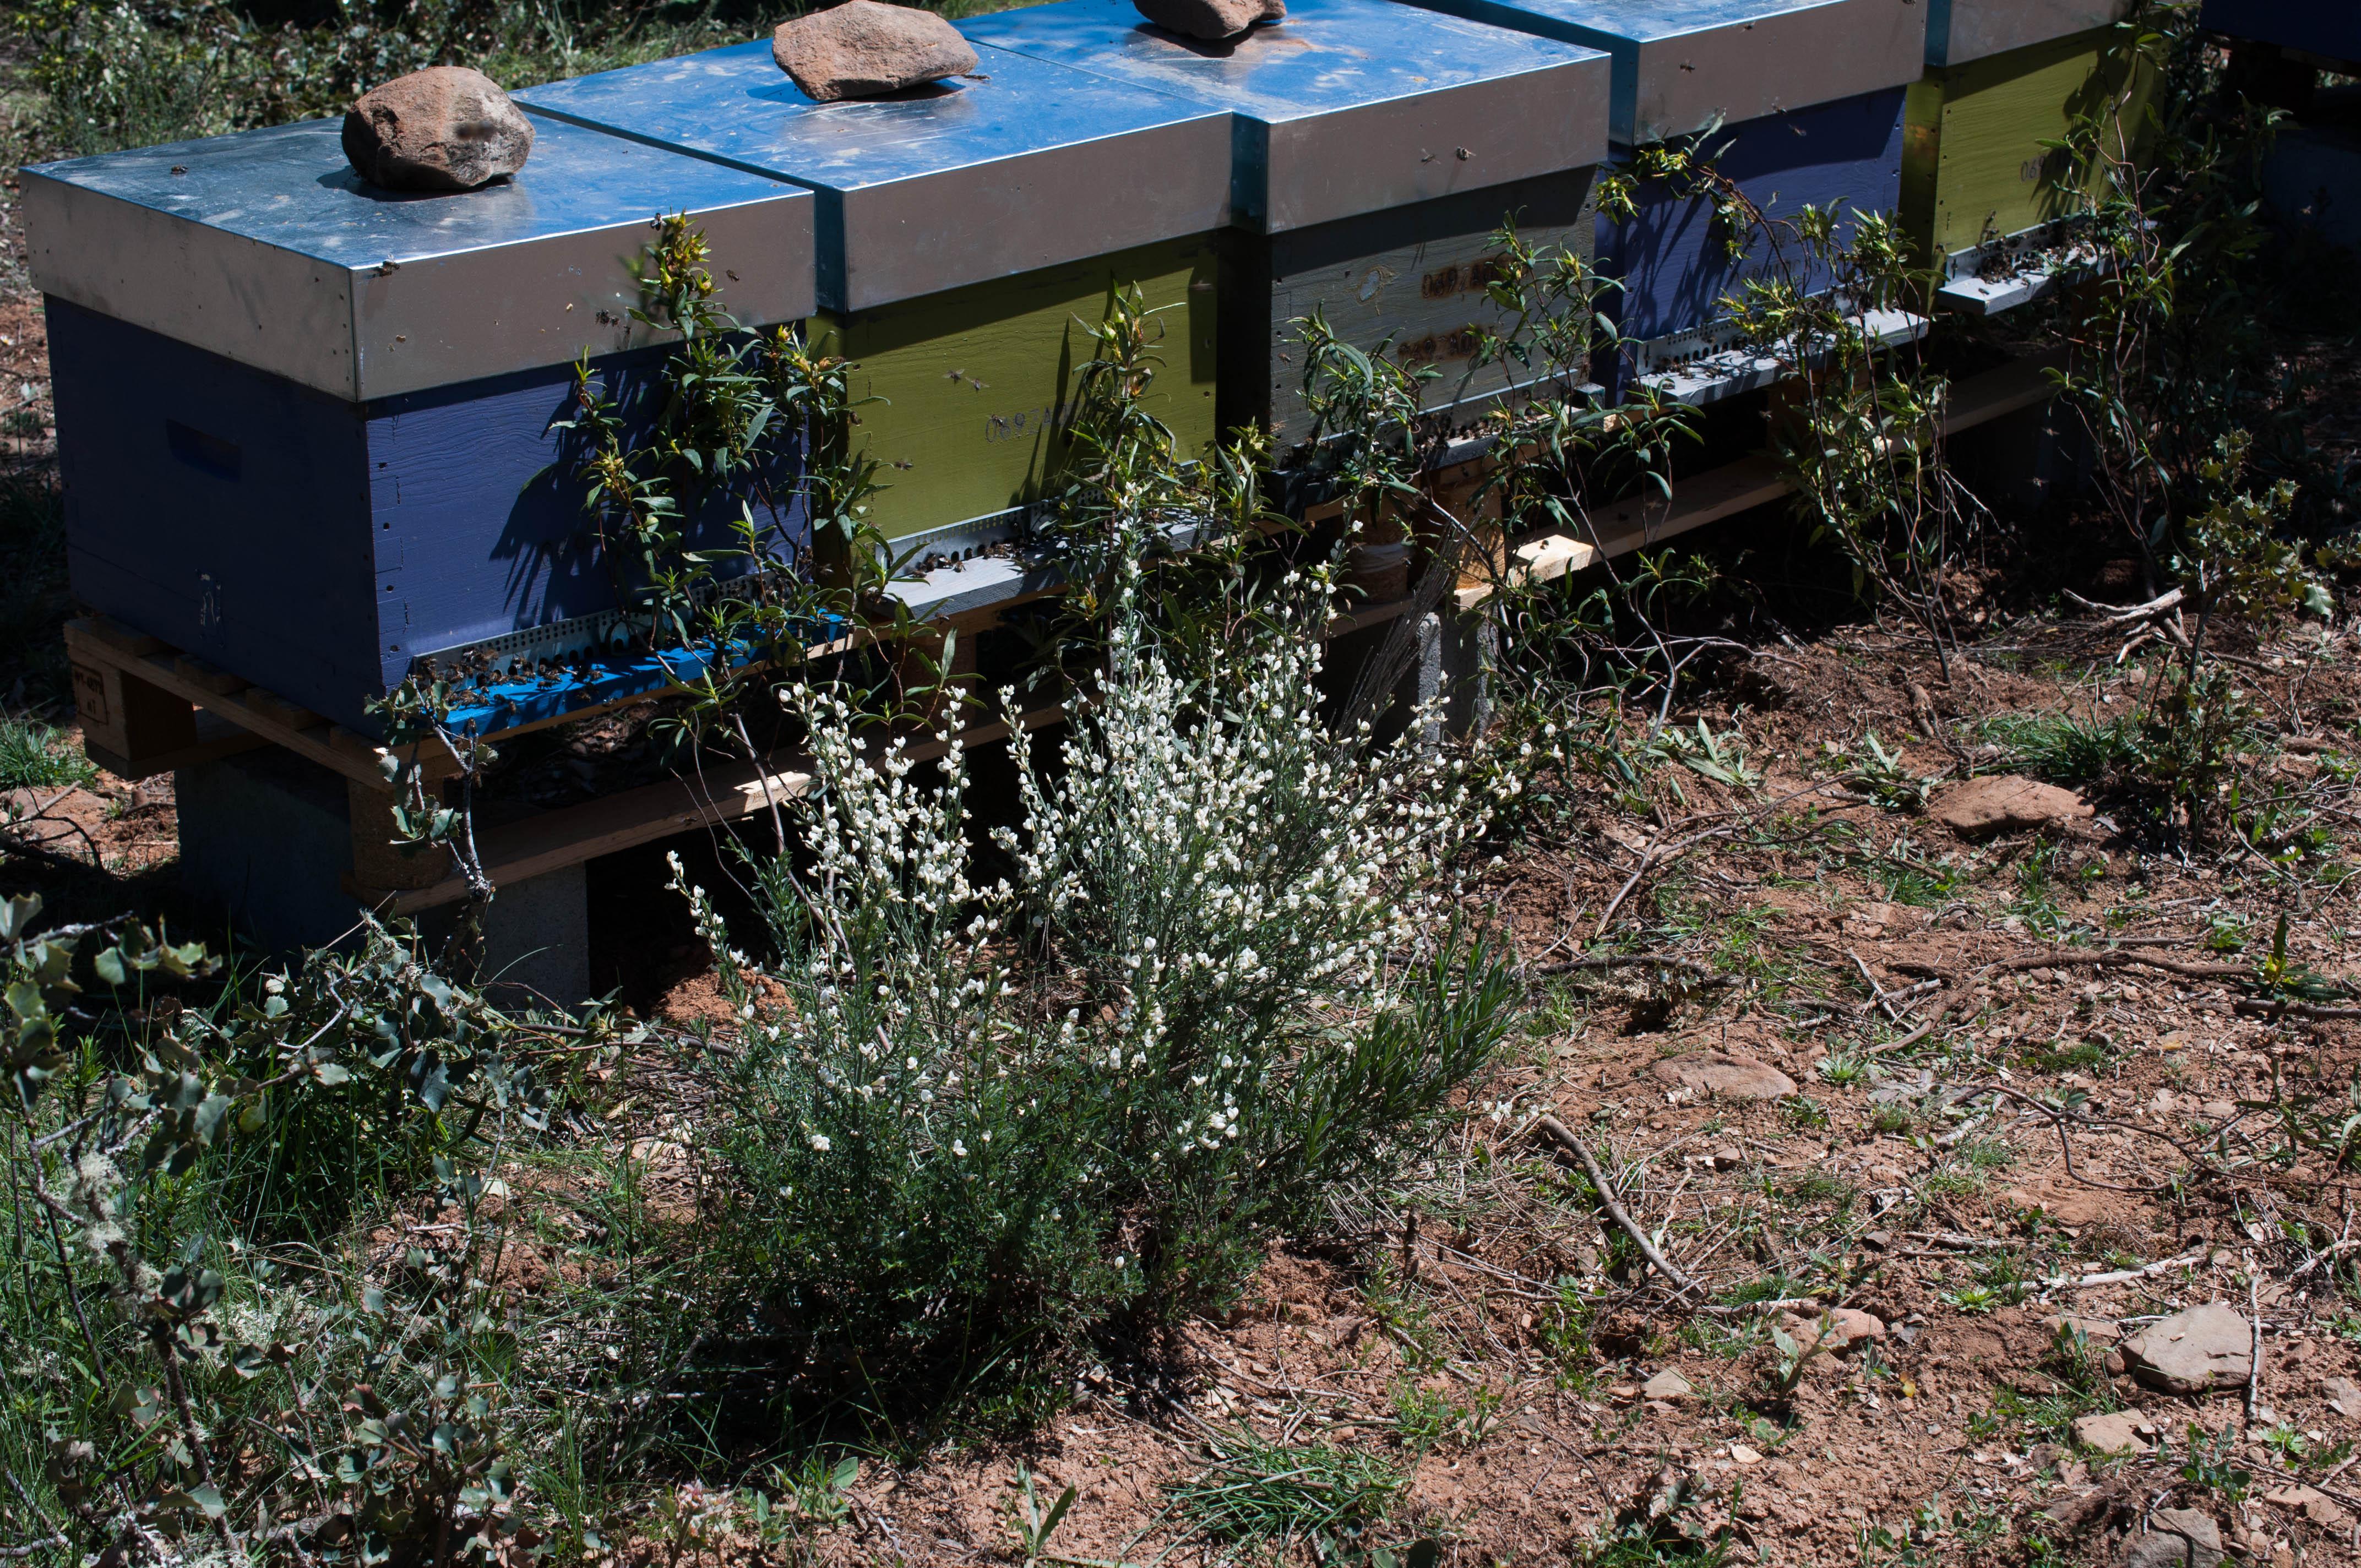 Cytisus multiflorus Las Obreras de Aliste CB Artesanos de la Miel Aliste Gallegos del Campo Artesanos de la Miel